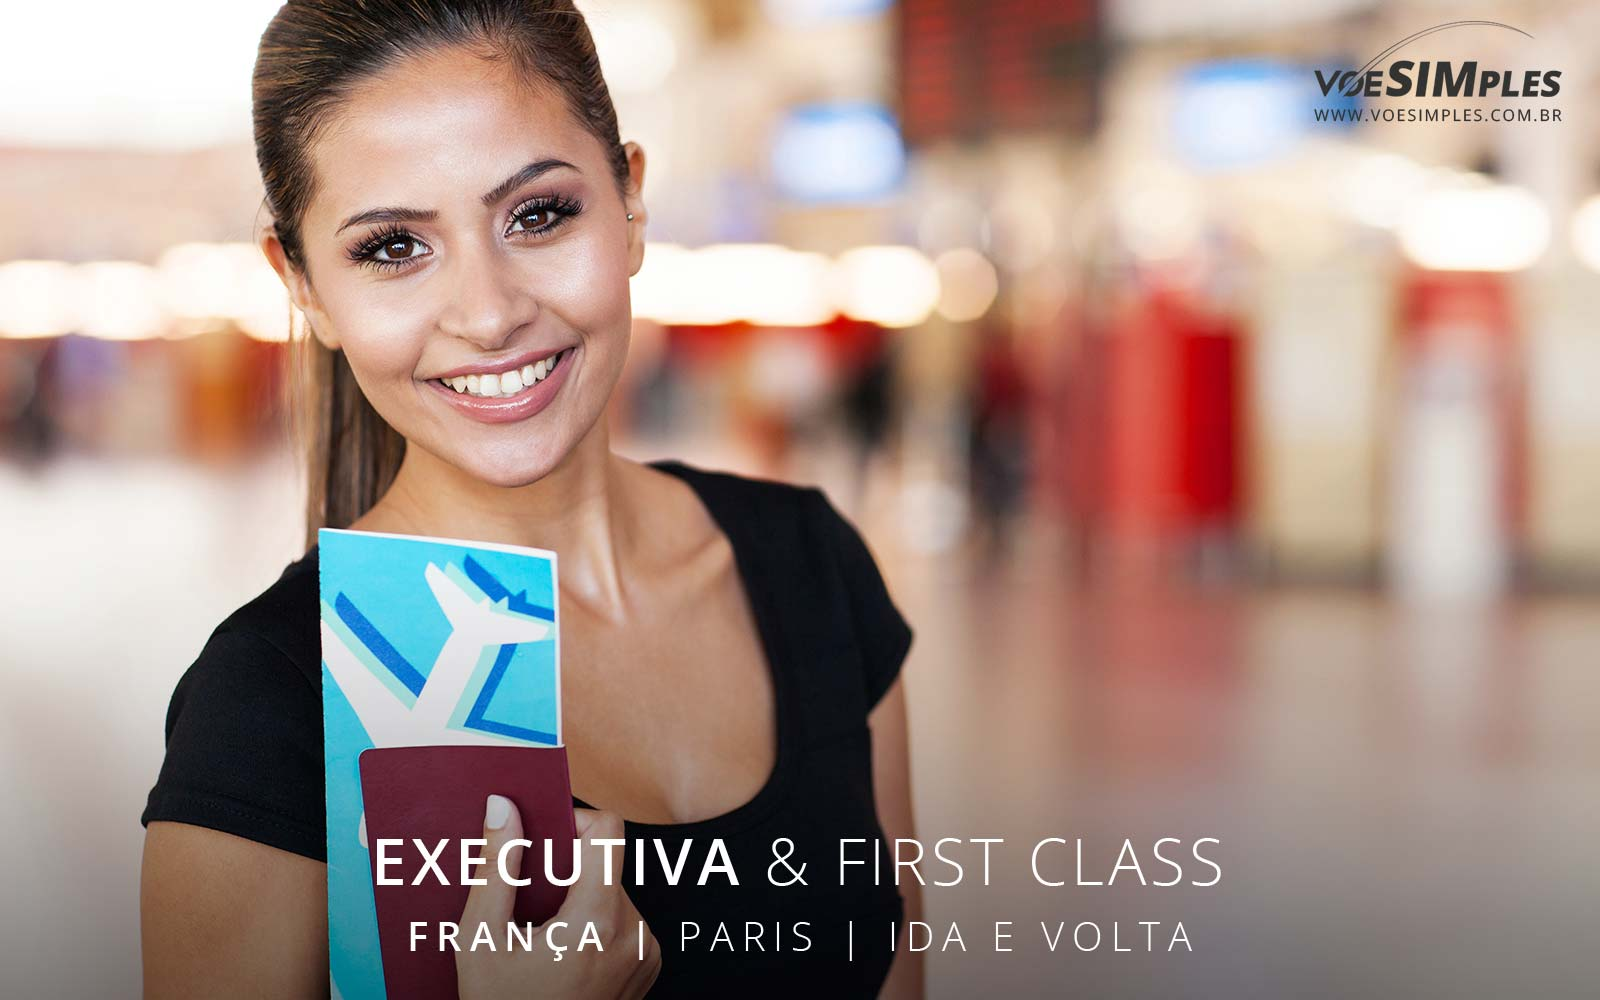 Passagem aérea Executiva Ibéria para Paris